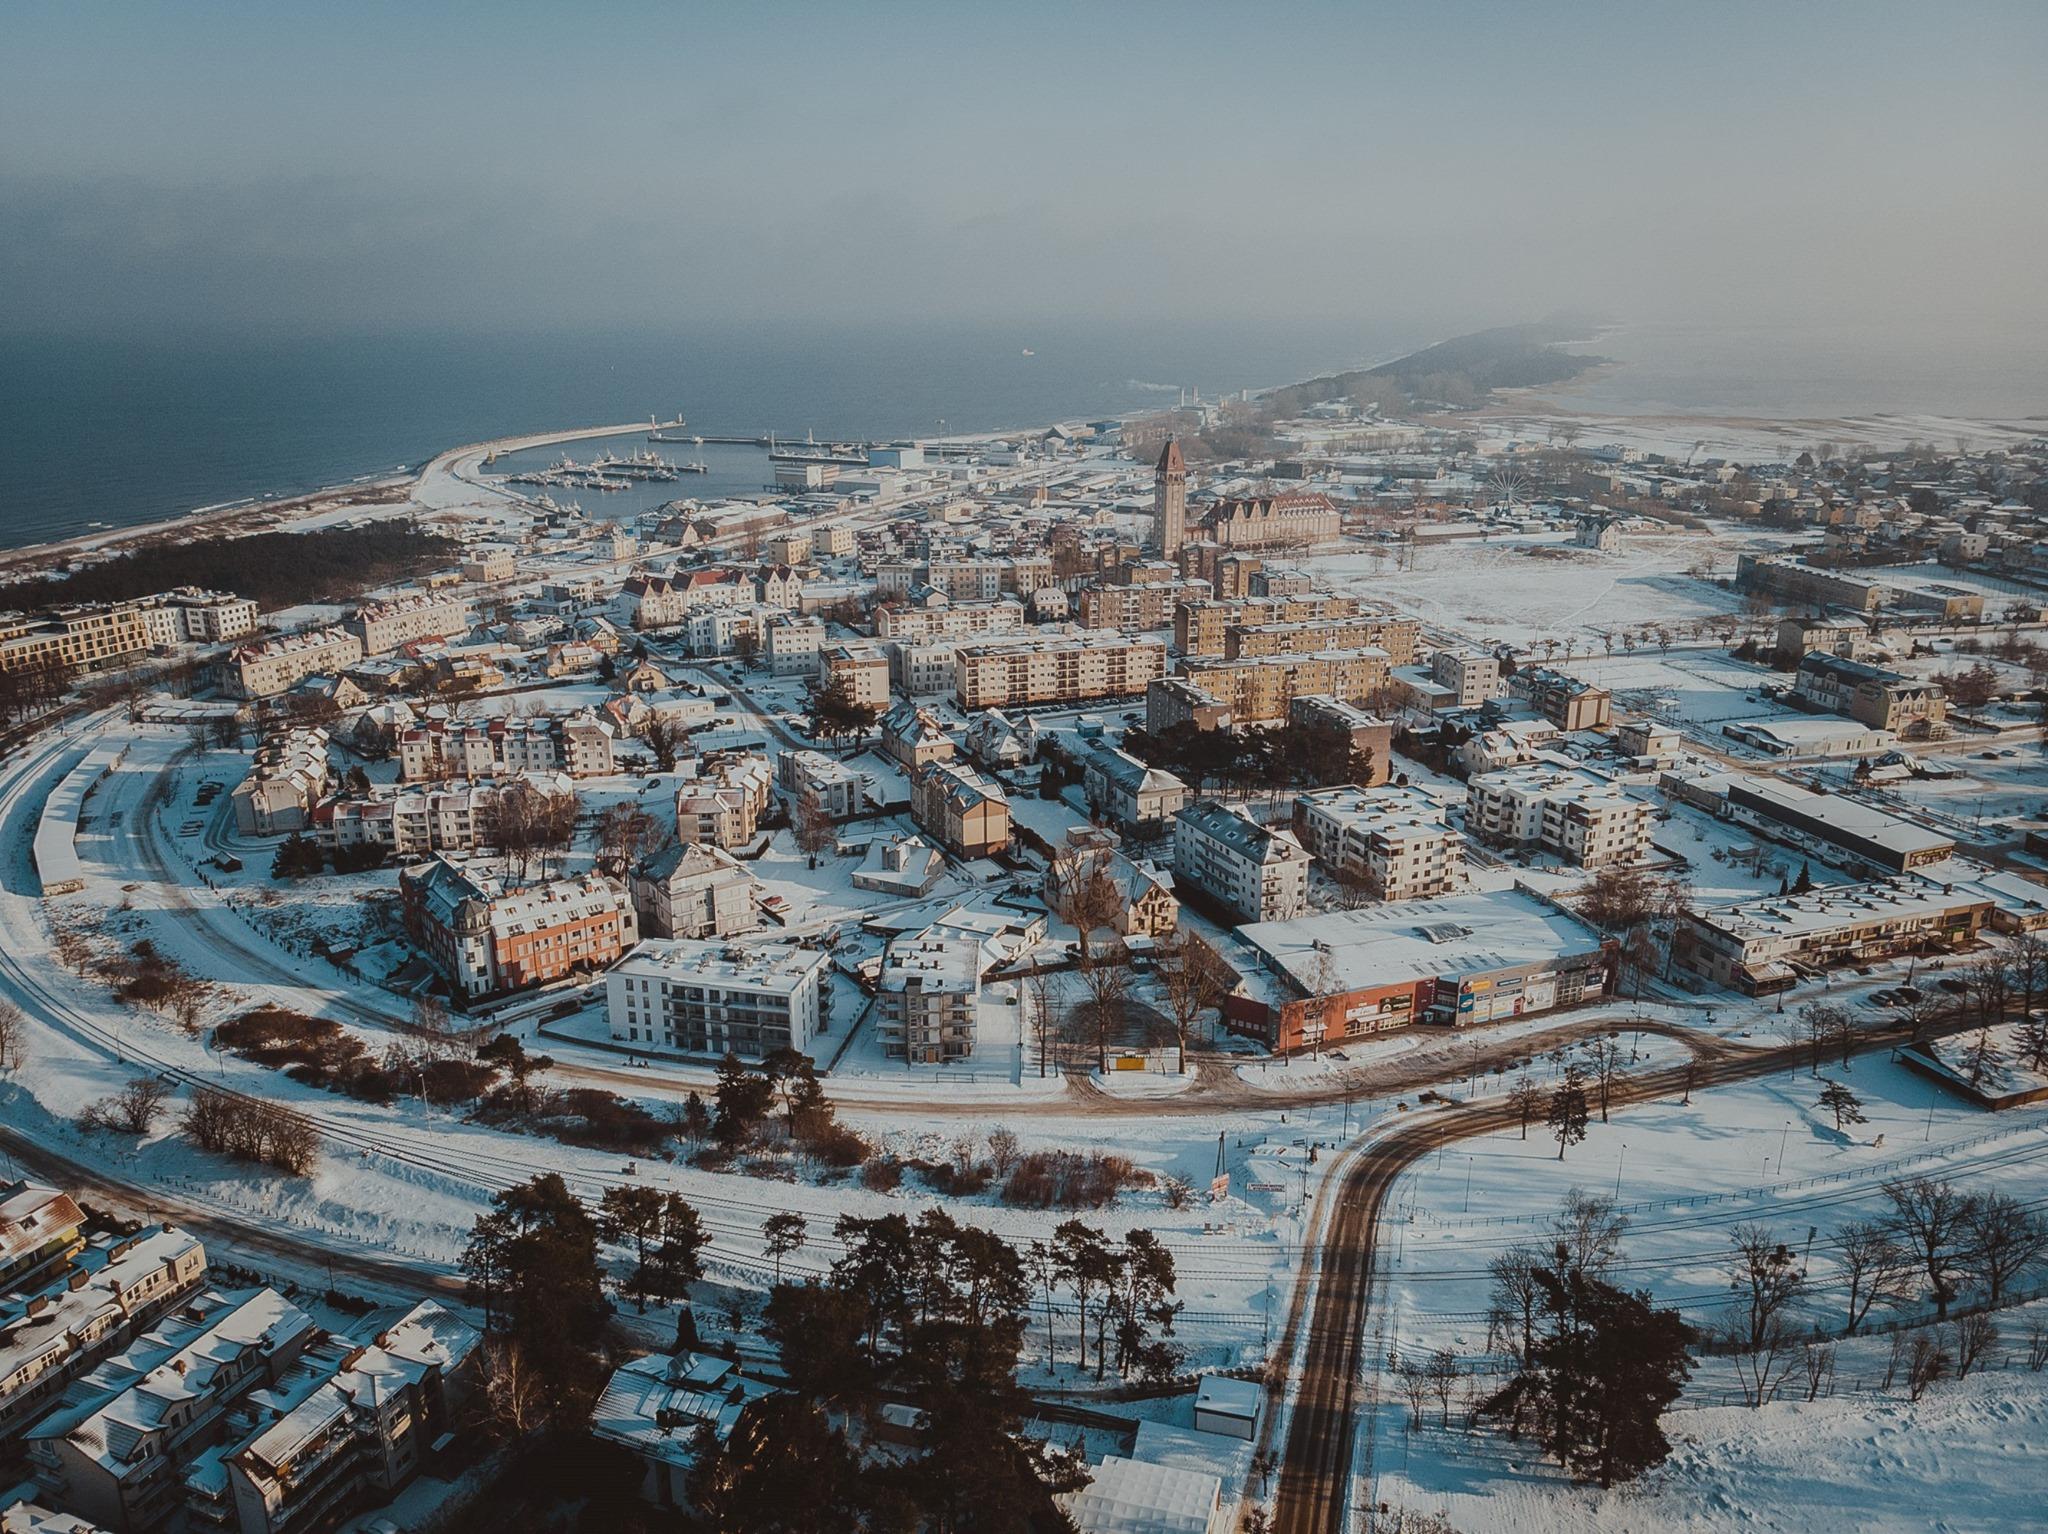 Władysławowo zimą 2021. Tak wygląda miasto w śniegu i z lotu ptaka | ZDJĘCIA